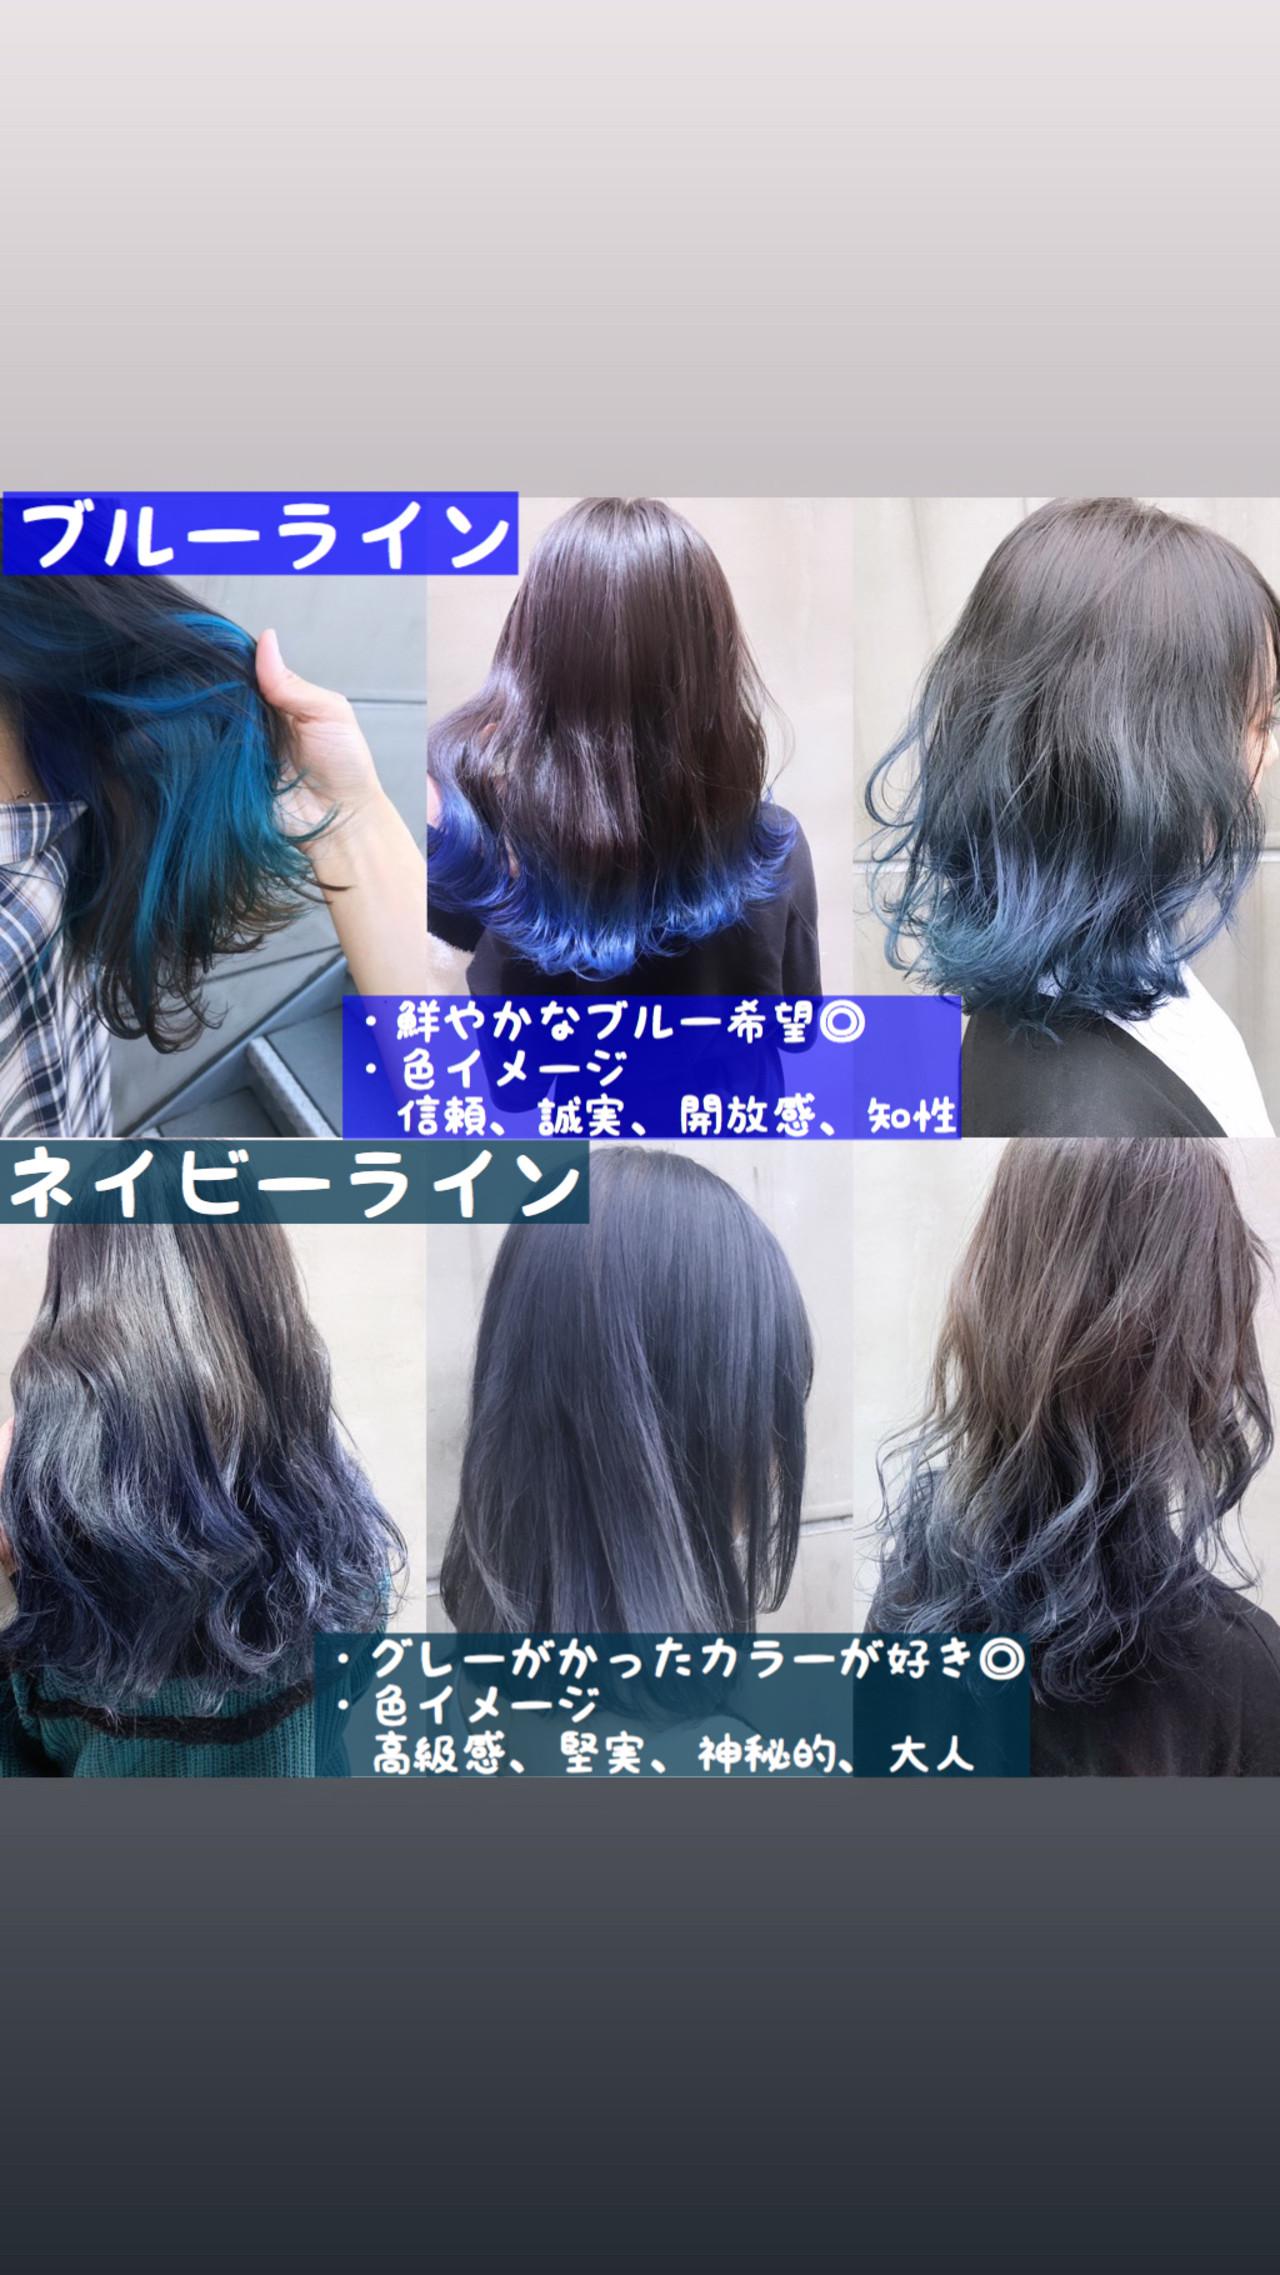 ブリーチカラー ミルクティー ロング ハイライト ヘアスタイルや髪型の写真・画像